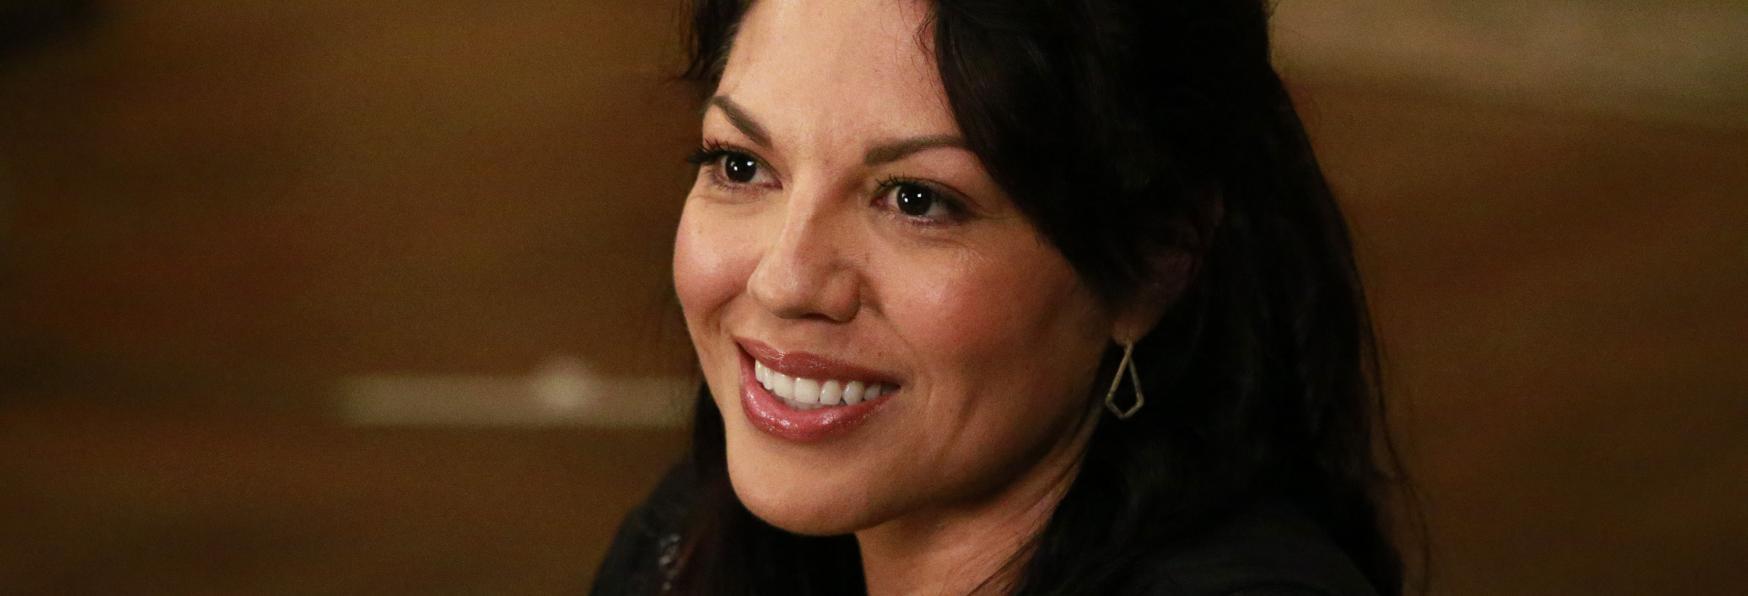 Sara Ramírez si unisce al Cast del Sequel di Sex and The City!